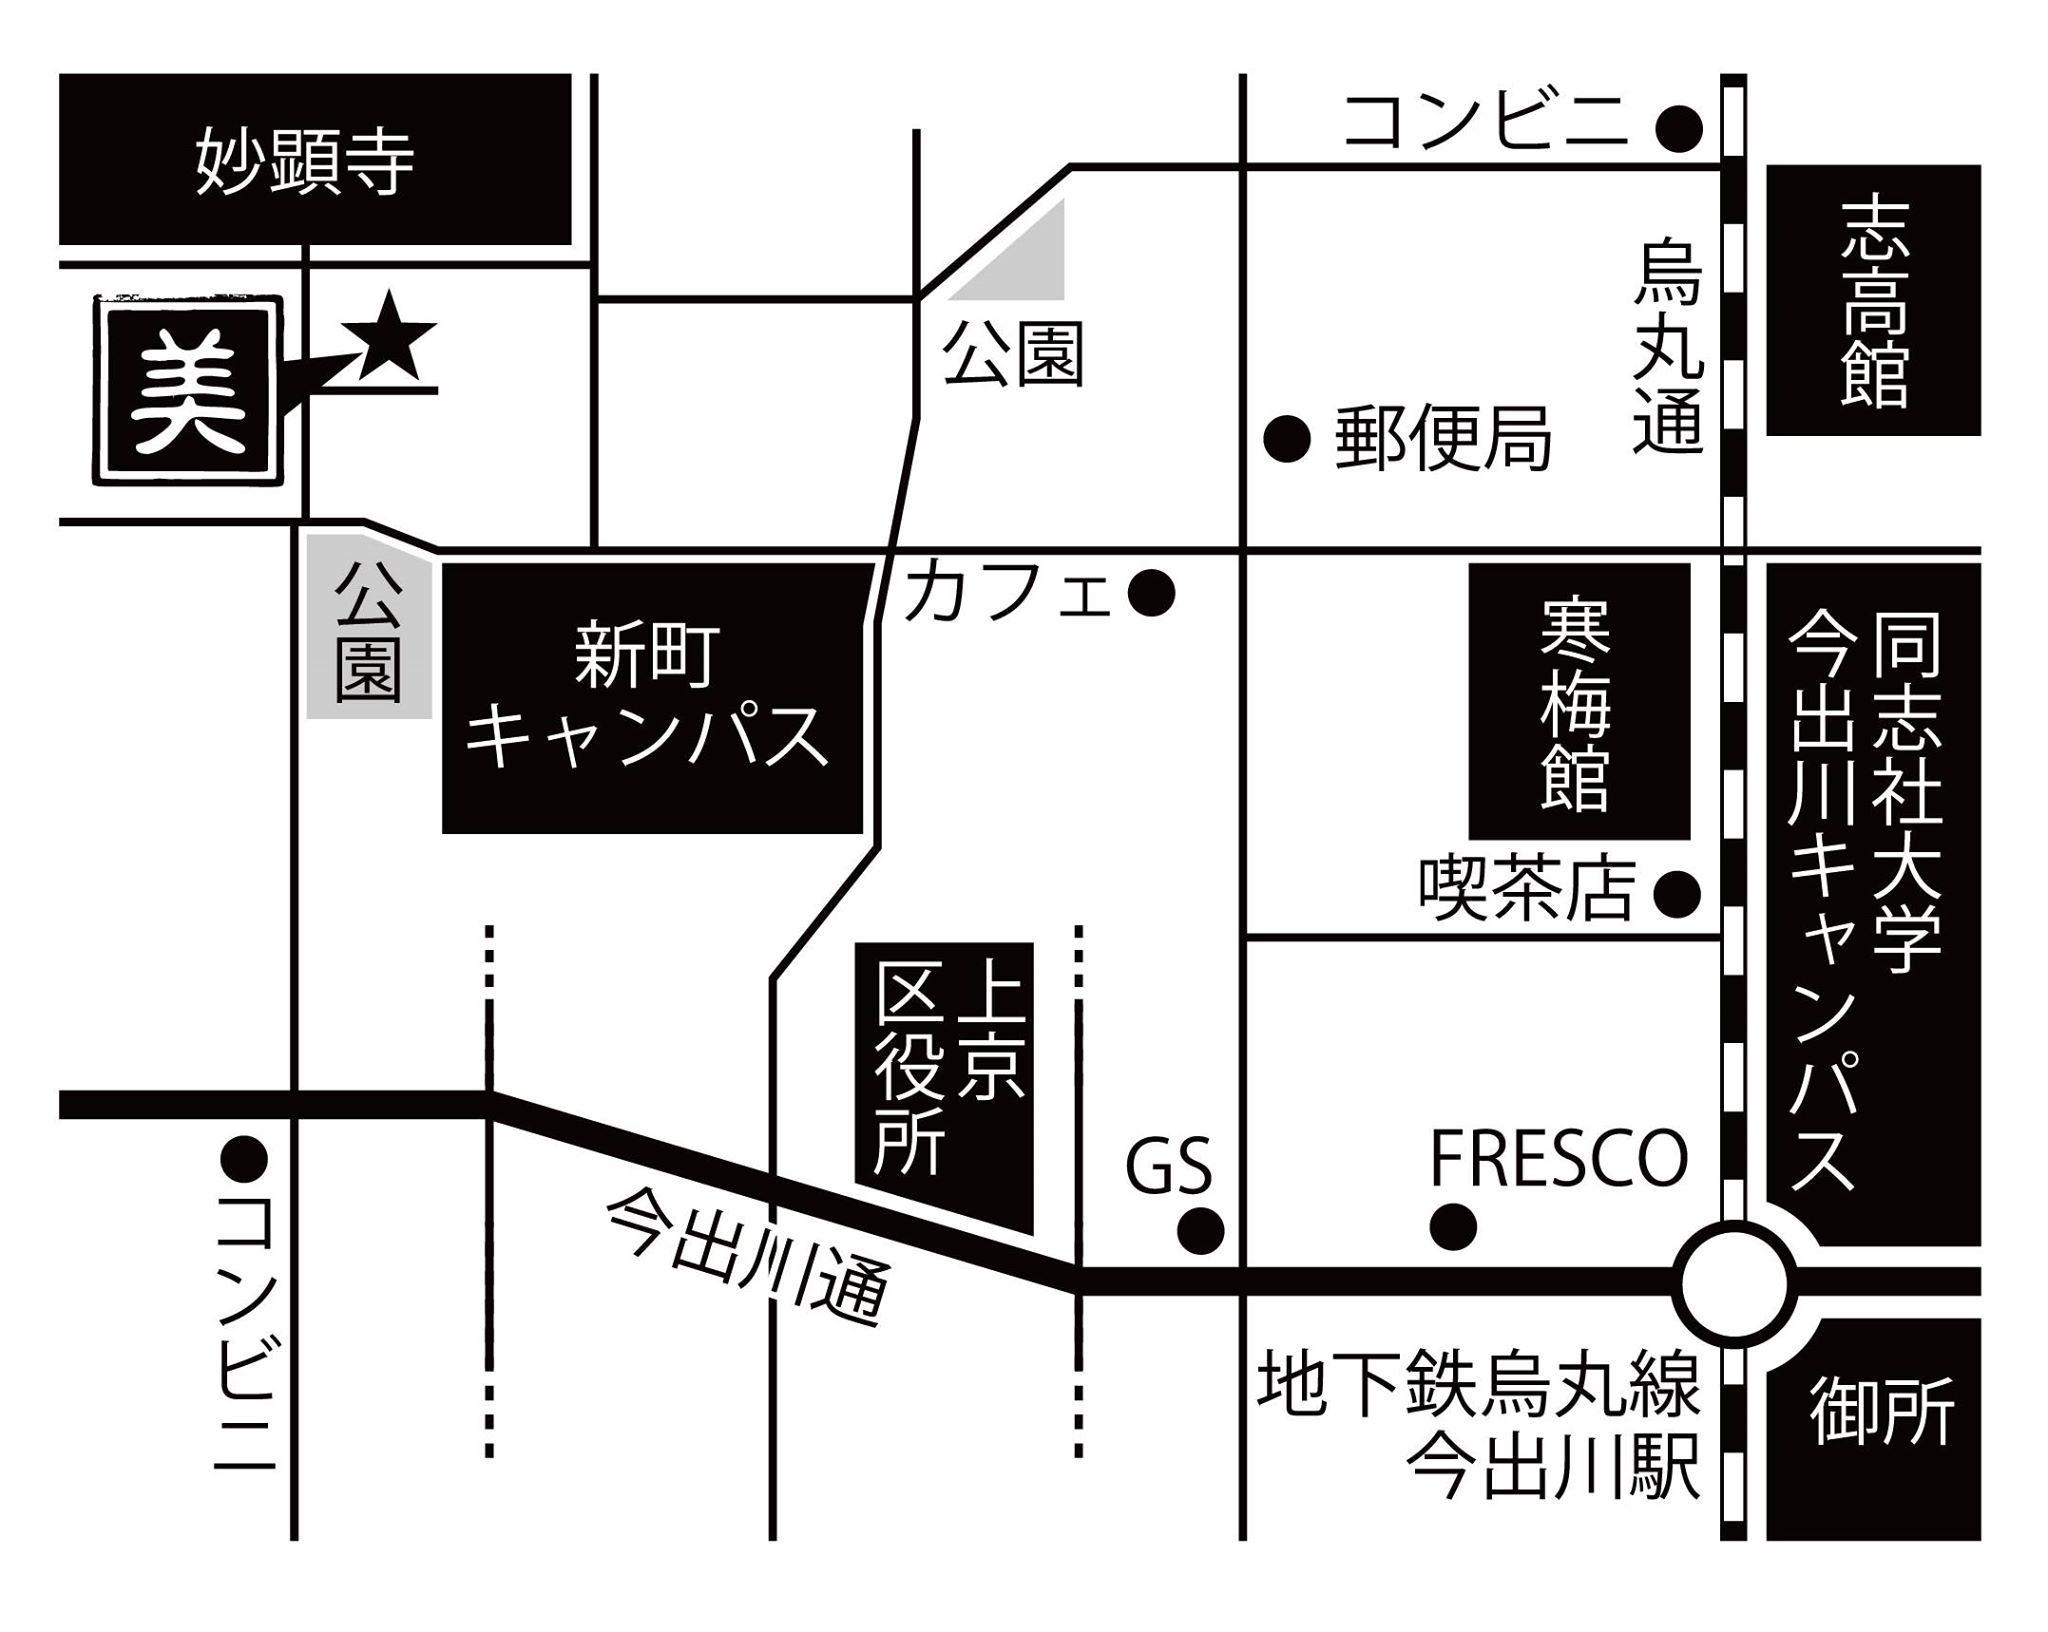 《つげ忠男×中里和人 二人展 初源の風景》開催のお知らせ_b0165526_17114846.jpg